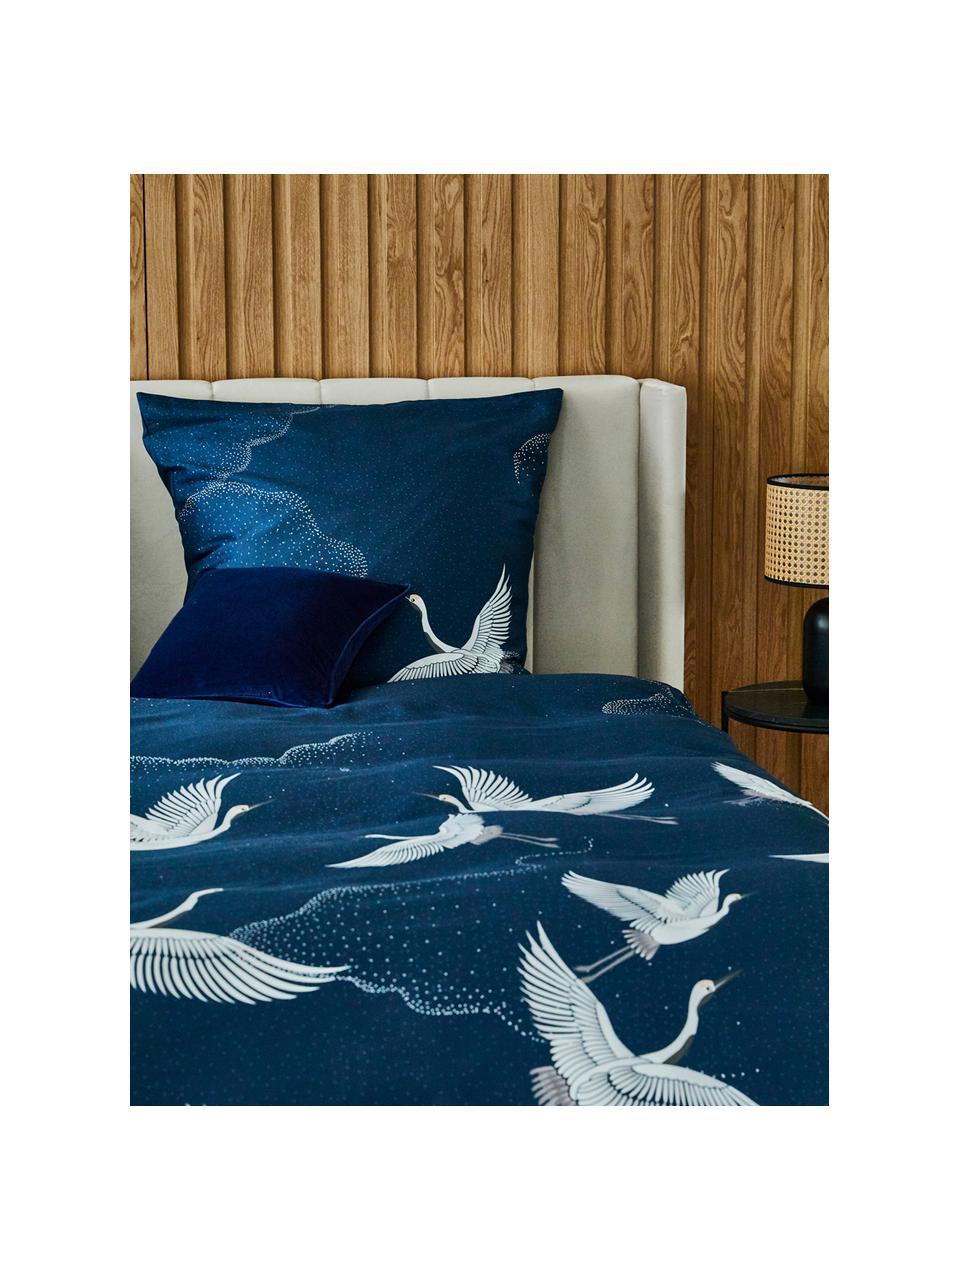 Pościel z satyny bawełnianej Yuma, Niebieski, biały, szary, 240 x 220 cm + 2 poduszki 80 x 80 cm